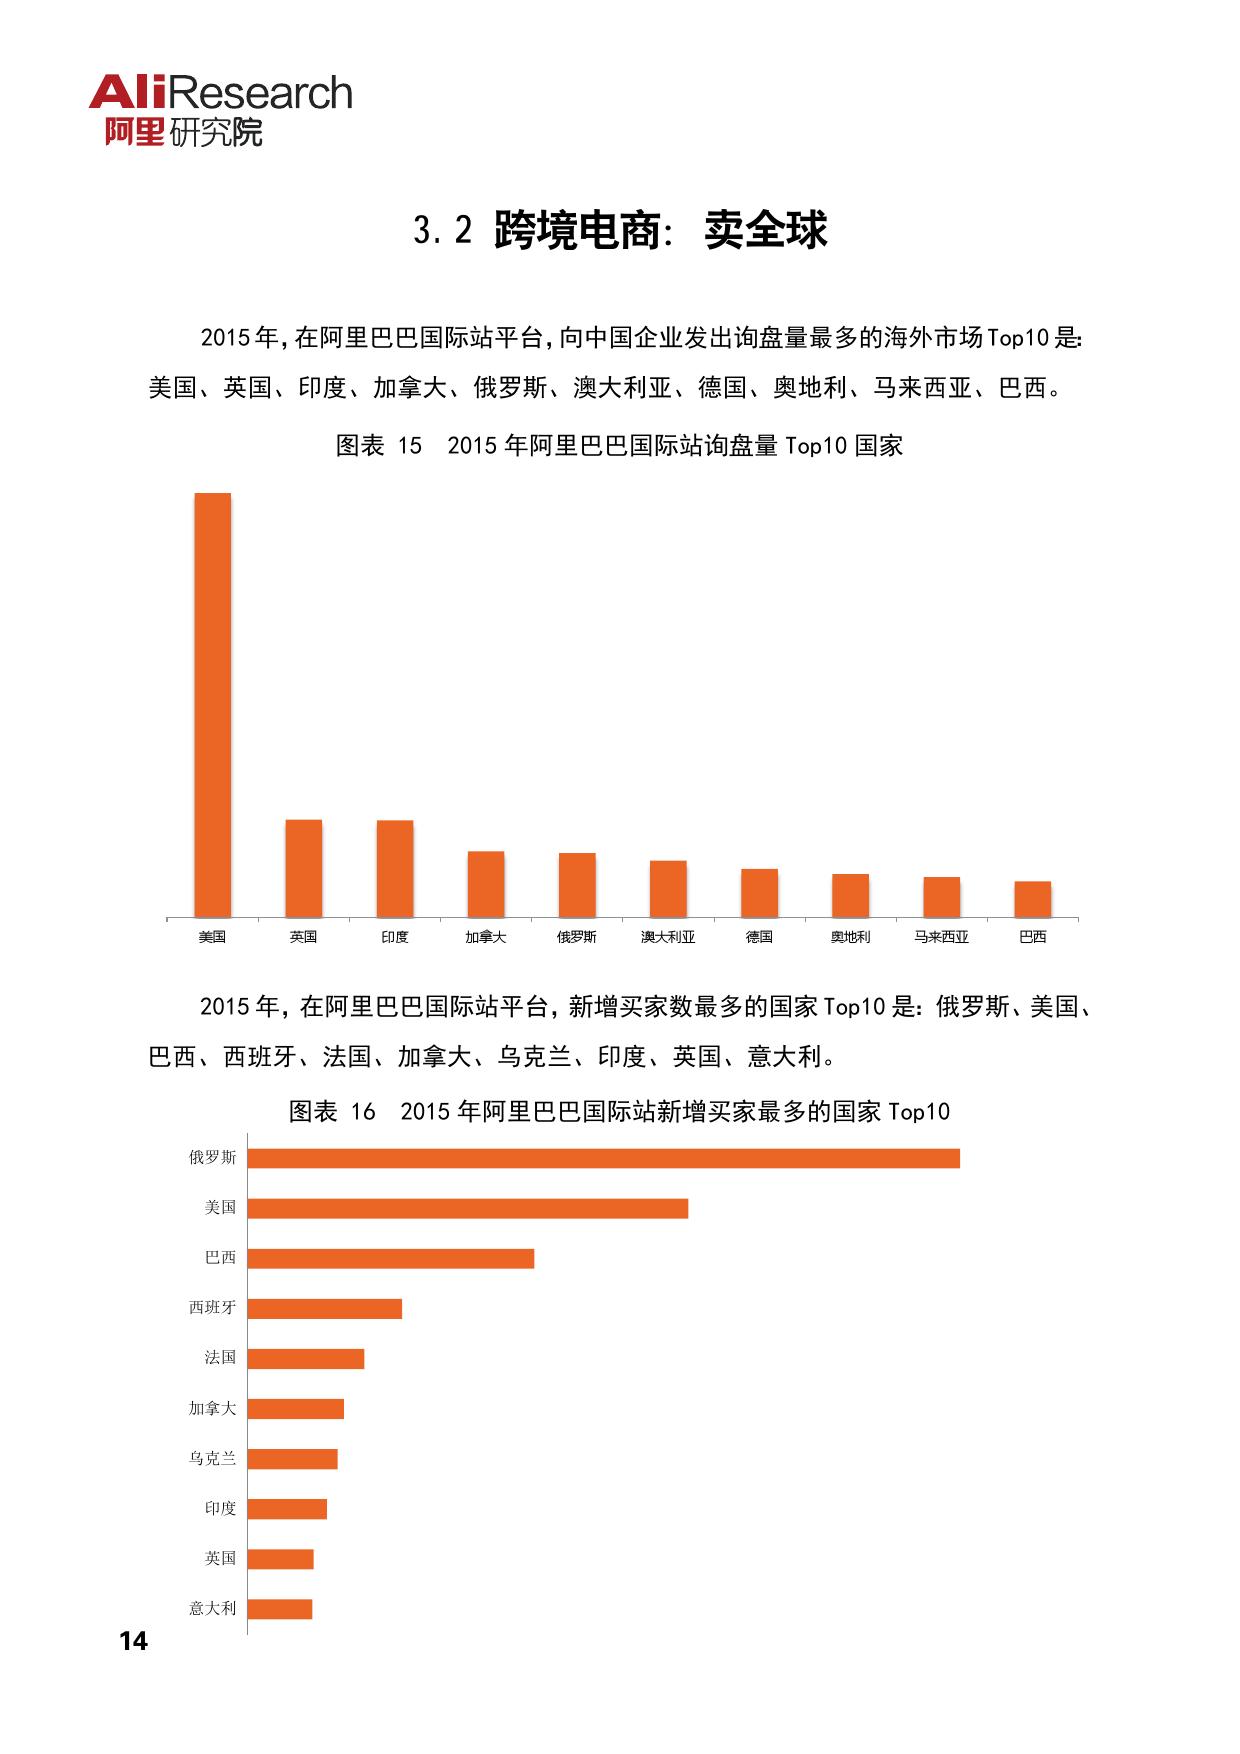 2016中国跨境电商发展报告_000018